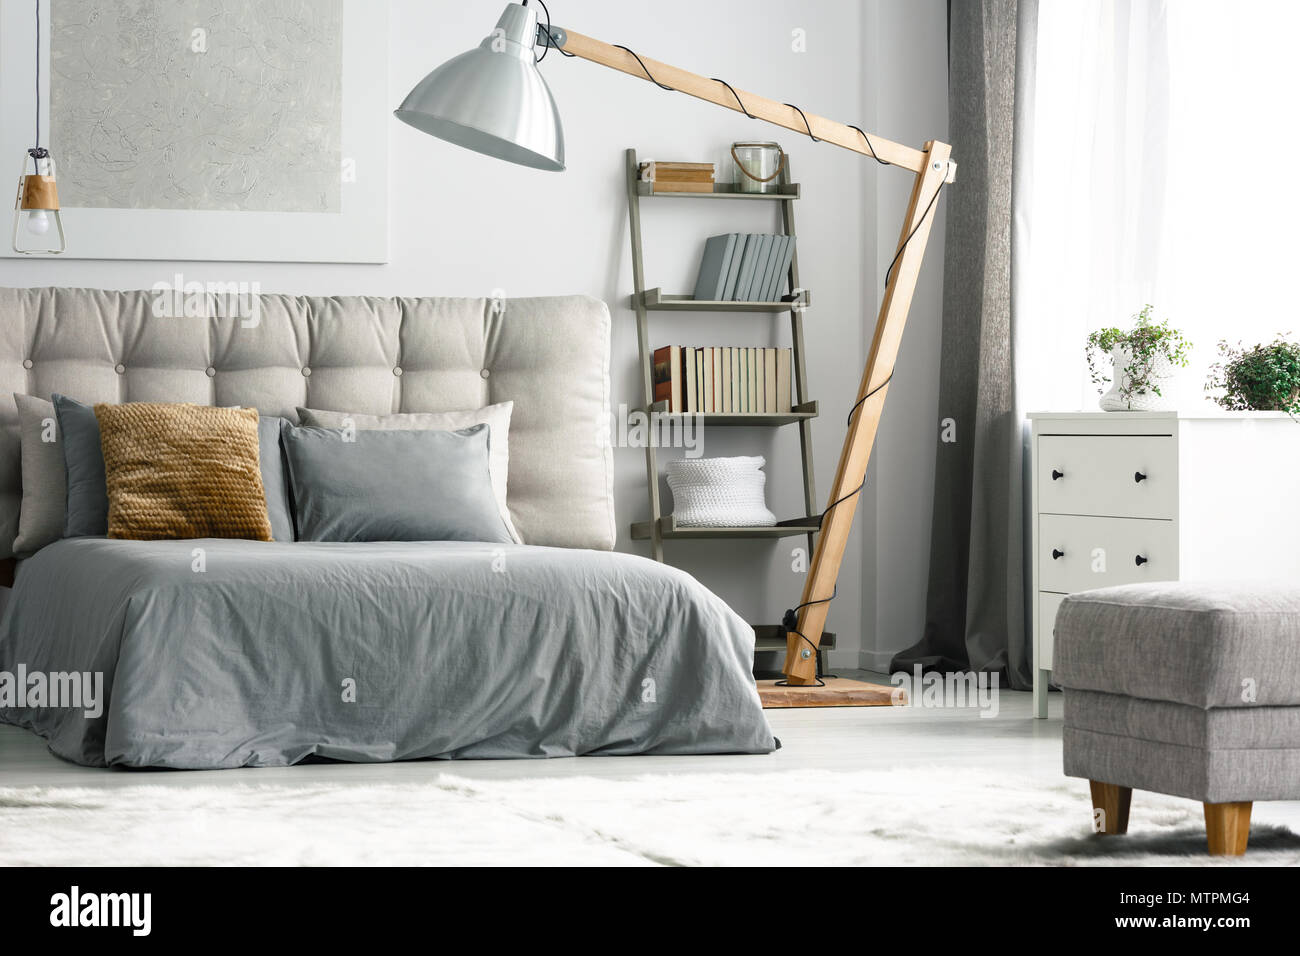 Holzdekor In Gemutlichen Grau Schlafzimmer Mit Regal Aus Leiter Stockfotografie Alamy